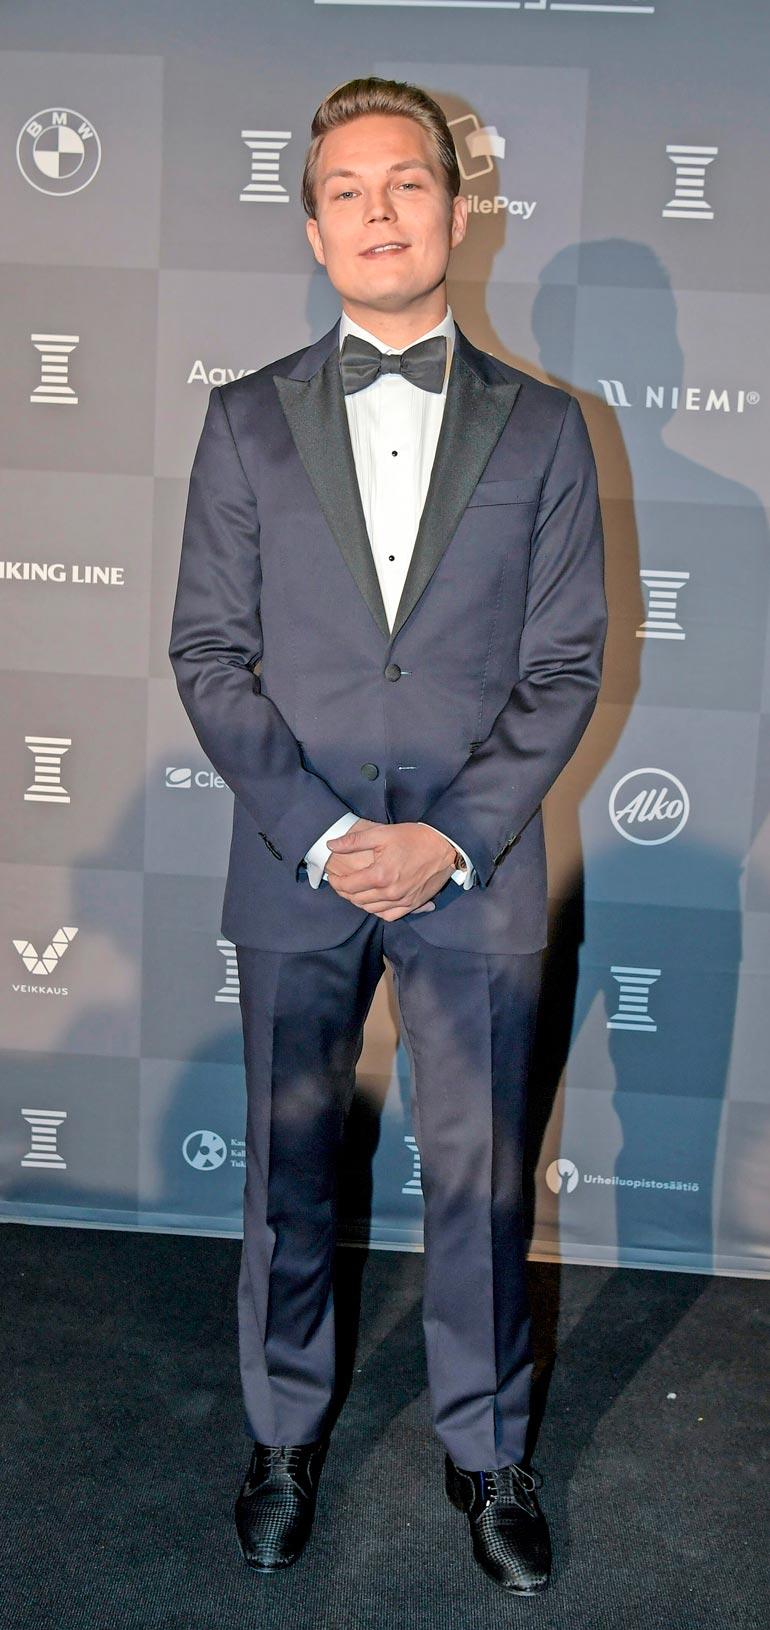 Jare Tiihosen harkittu tyyli ulottuu vaatteista autoihin asti.